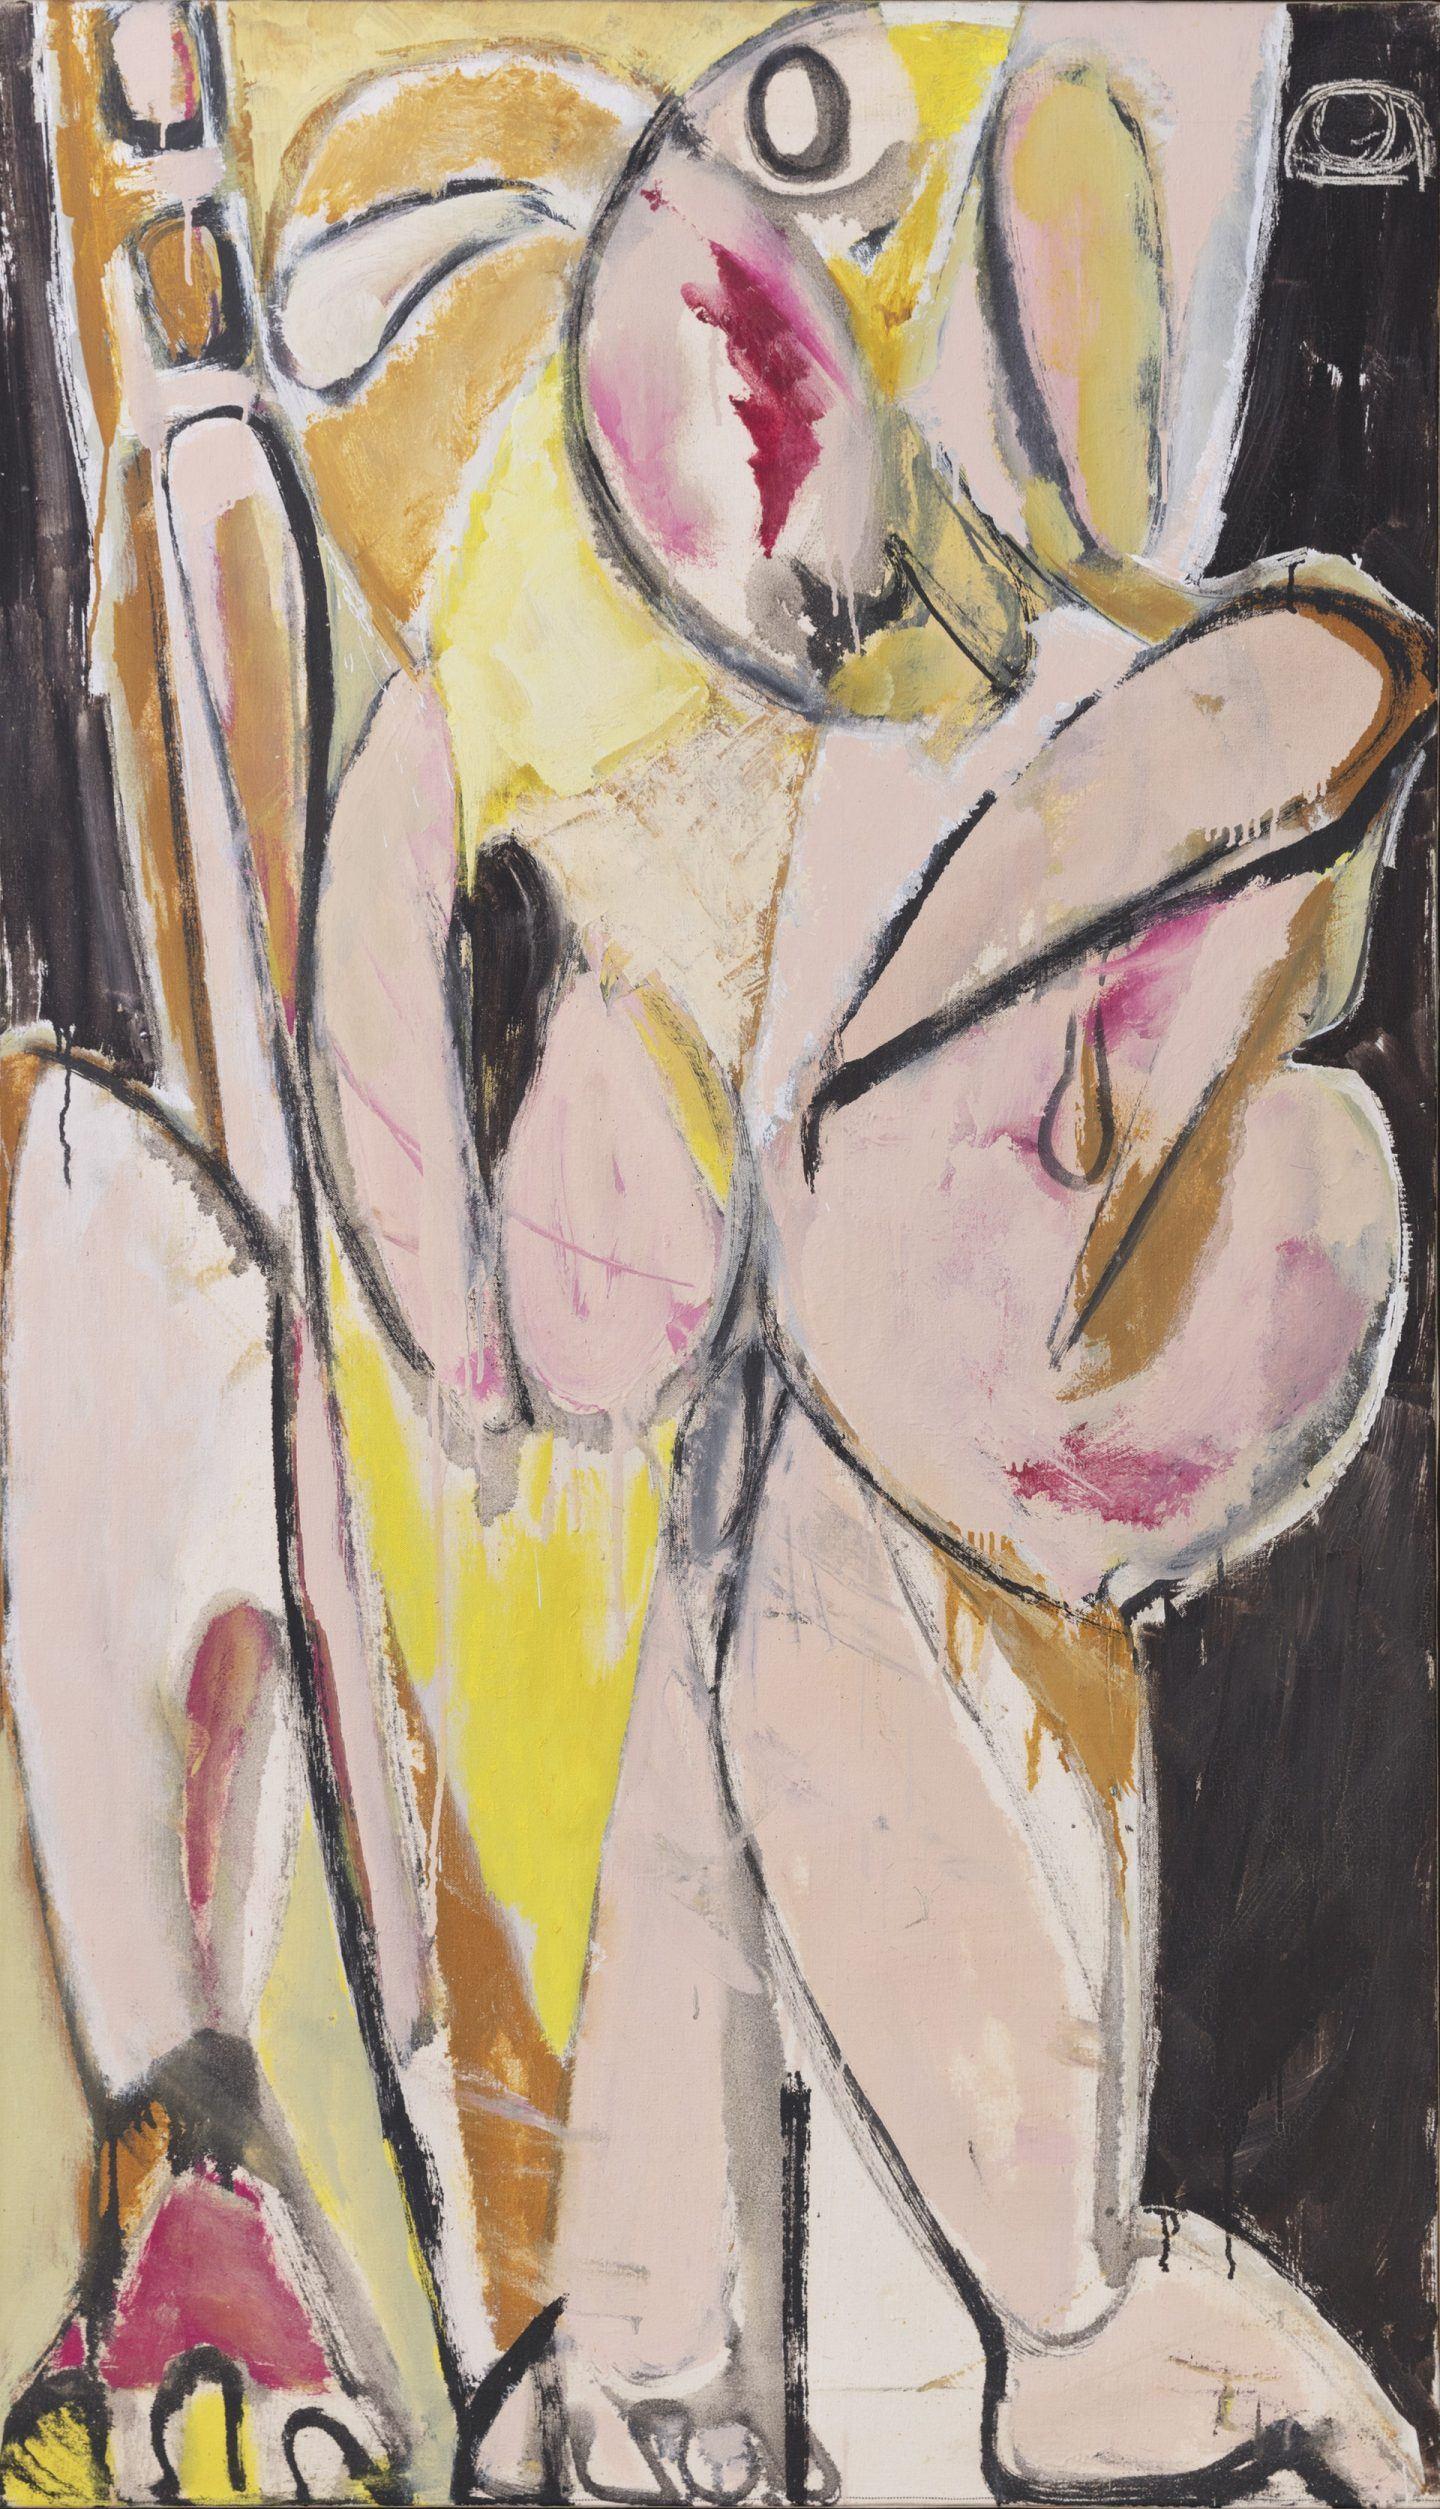 IGNANT-Art-Krasner-08